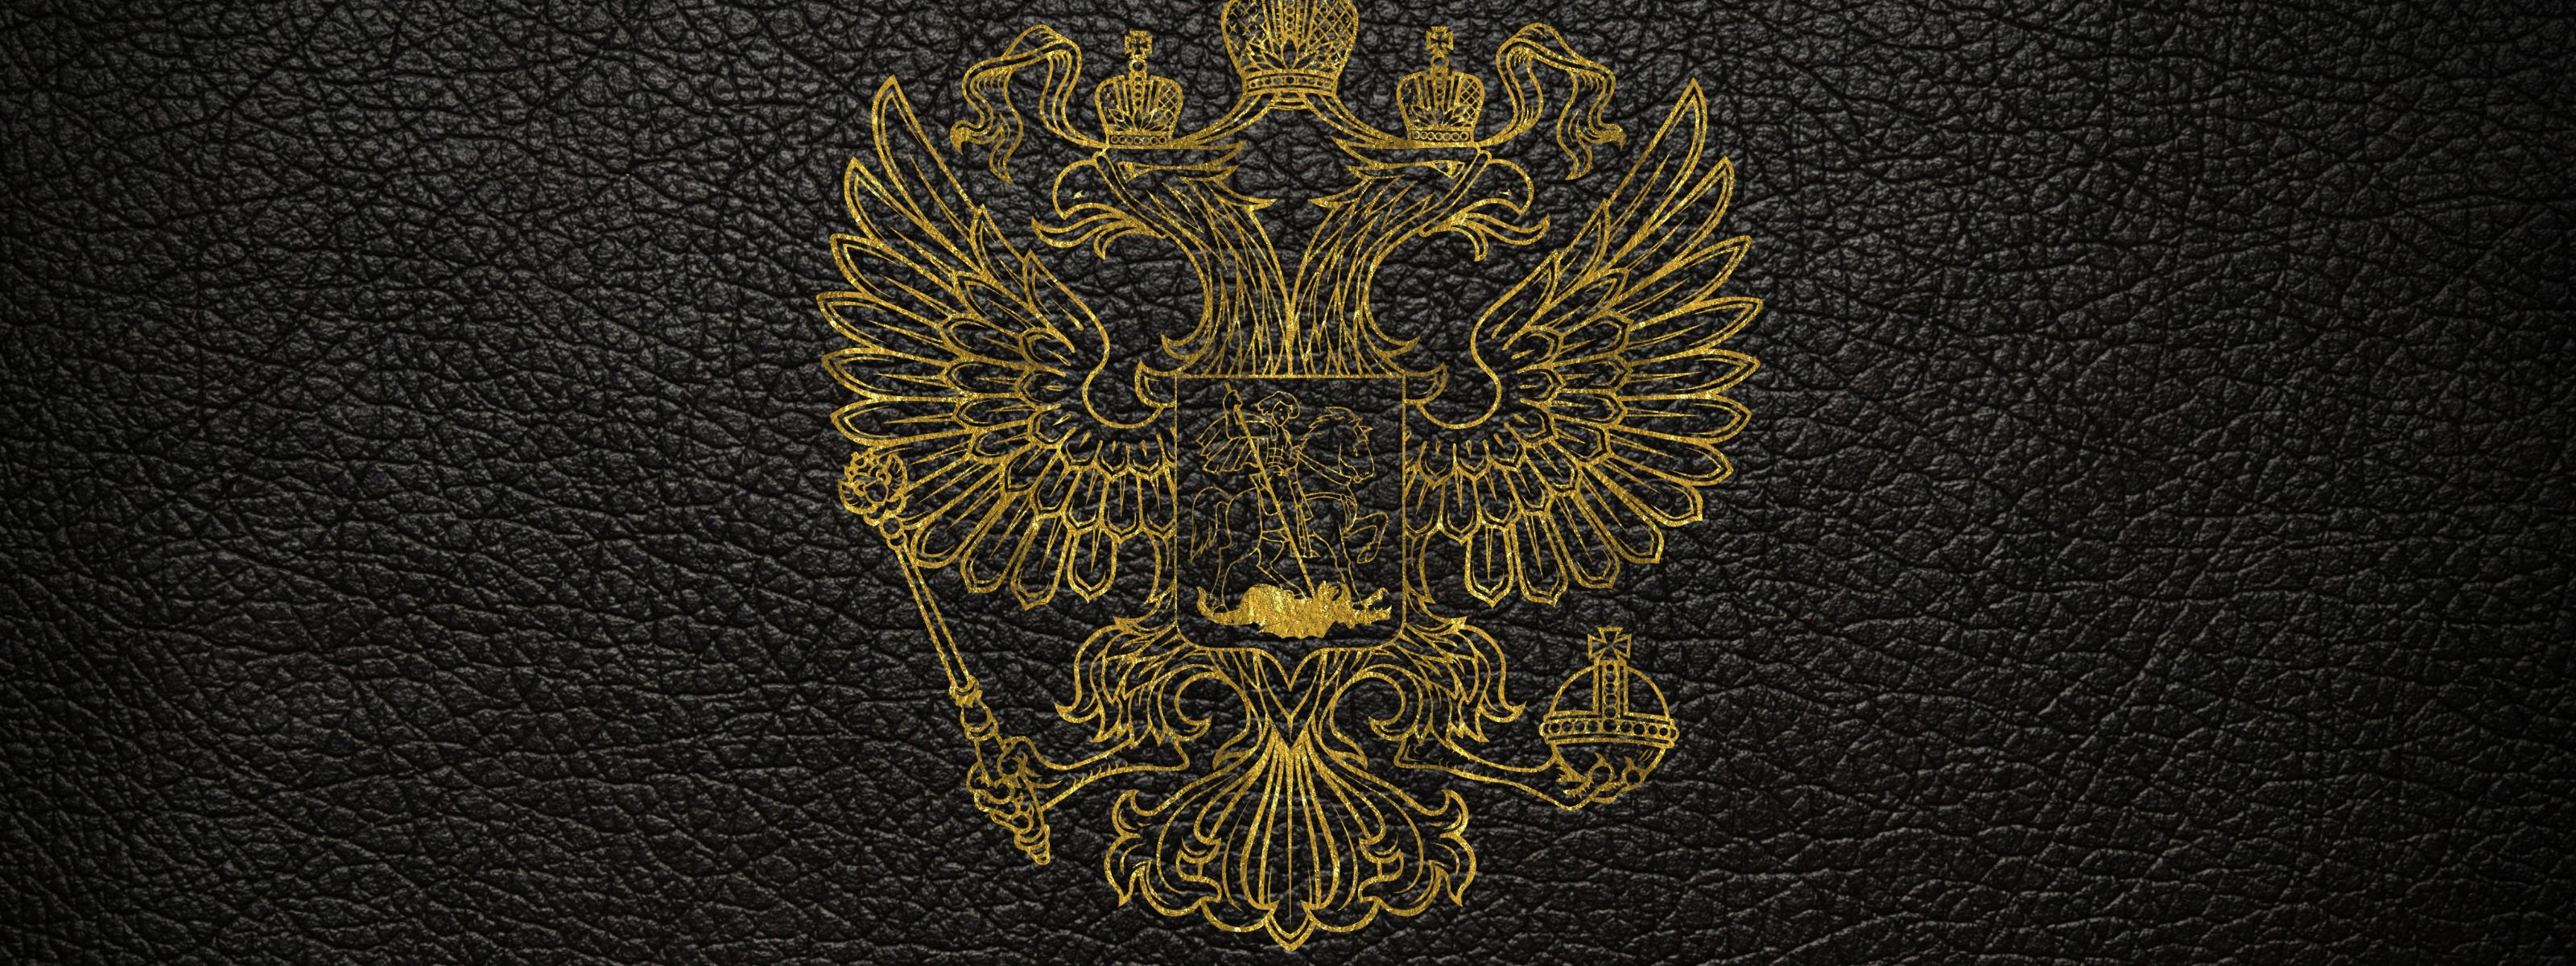 обои рабочего стола герб россии фото это